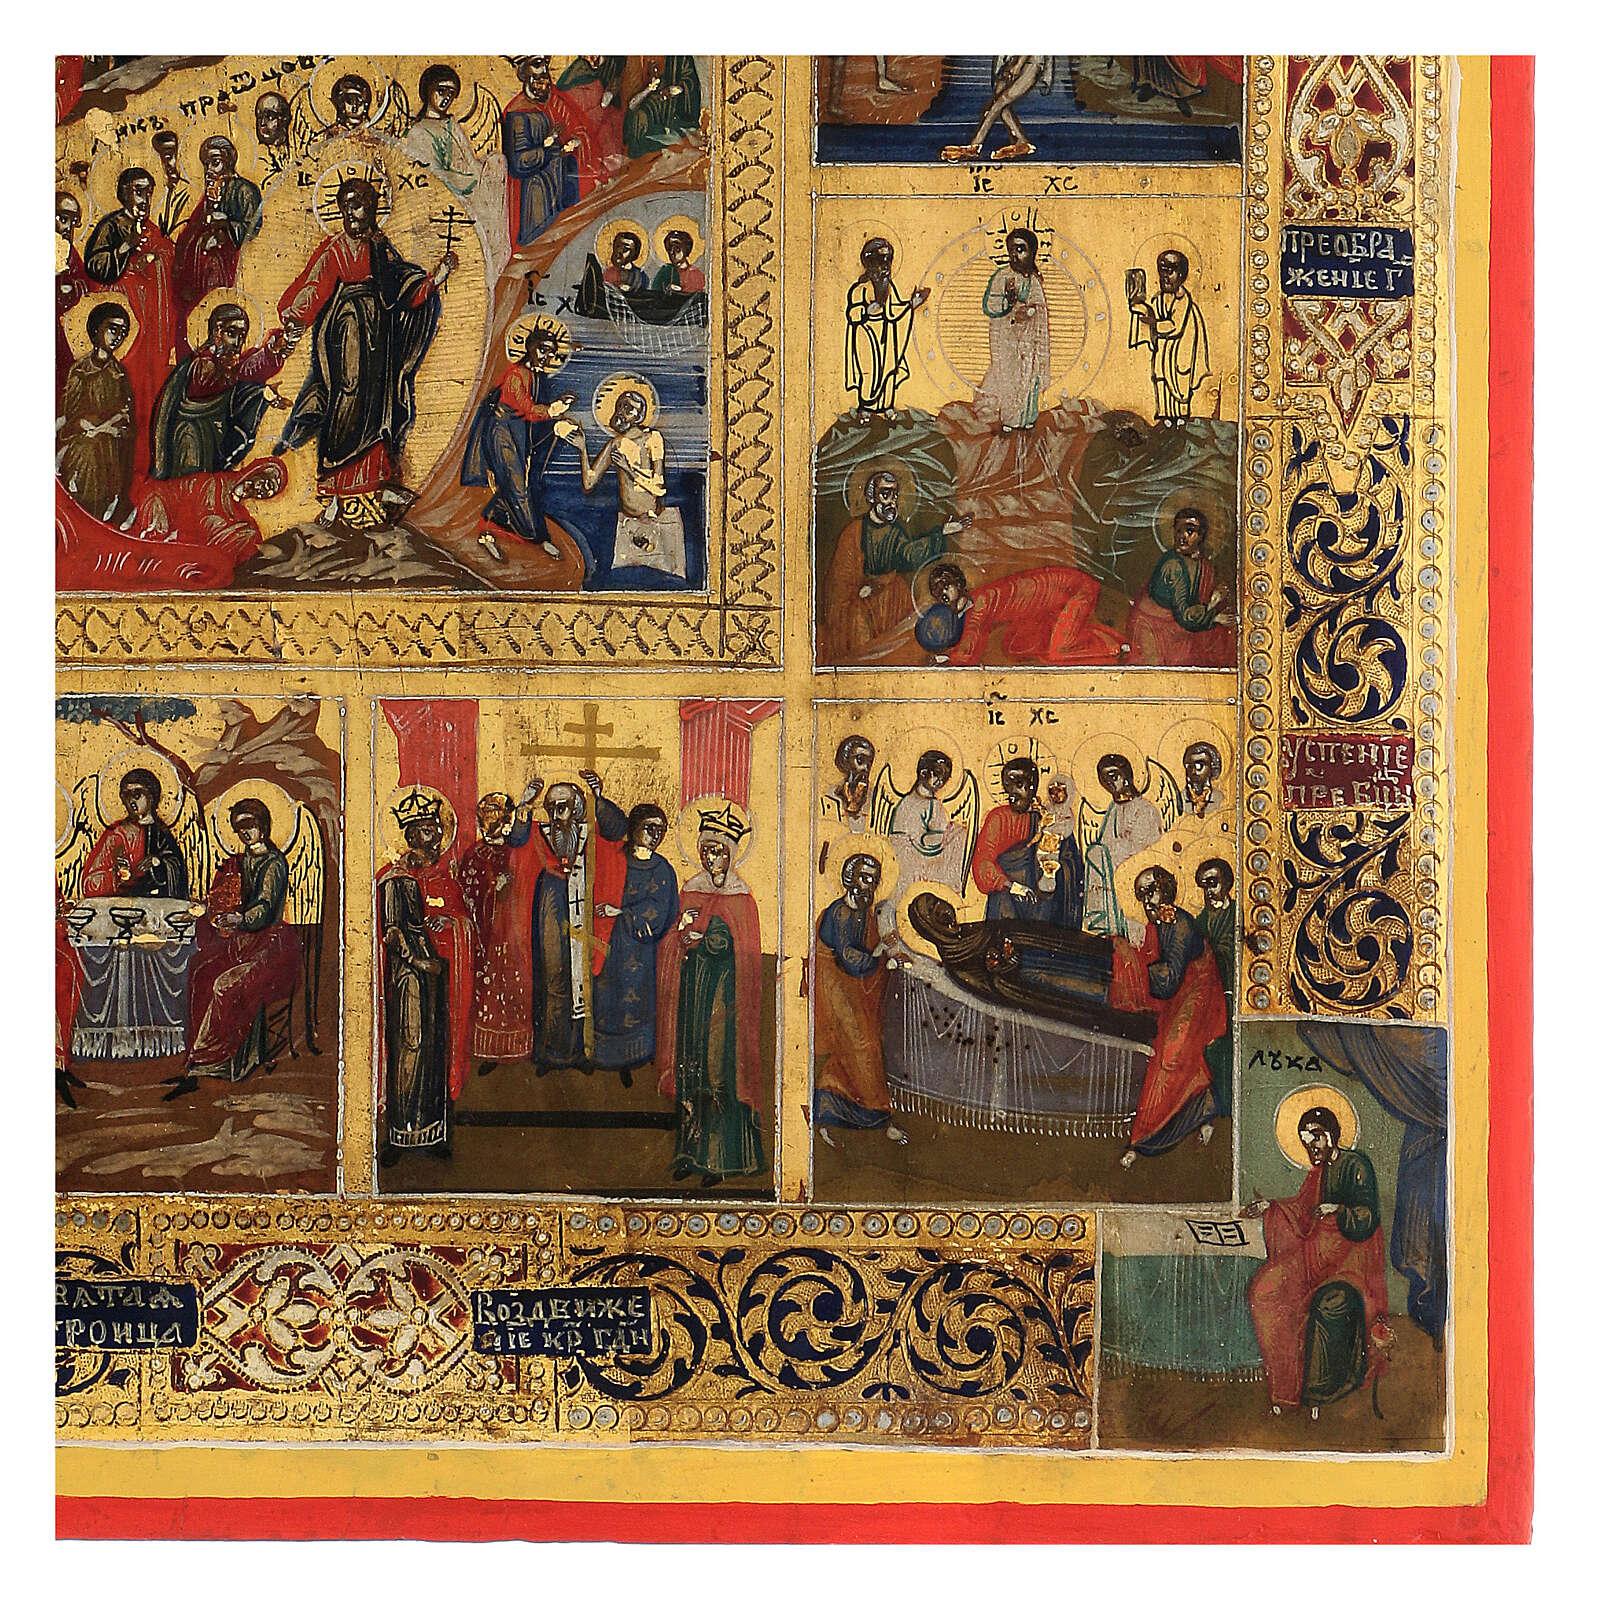 Icône Douze Fêtes fond or Russie XIX siècle 40x30 cm 4